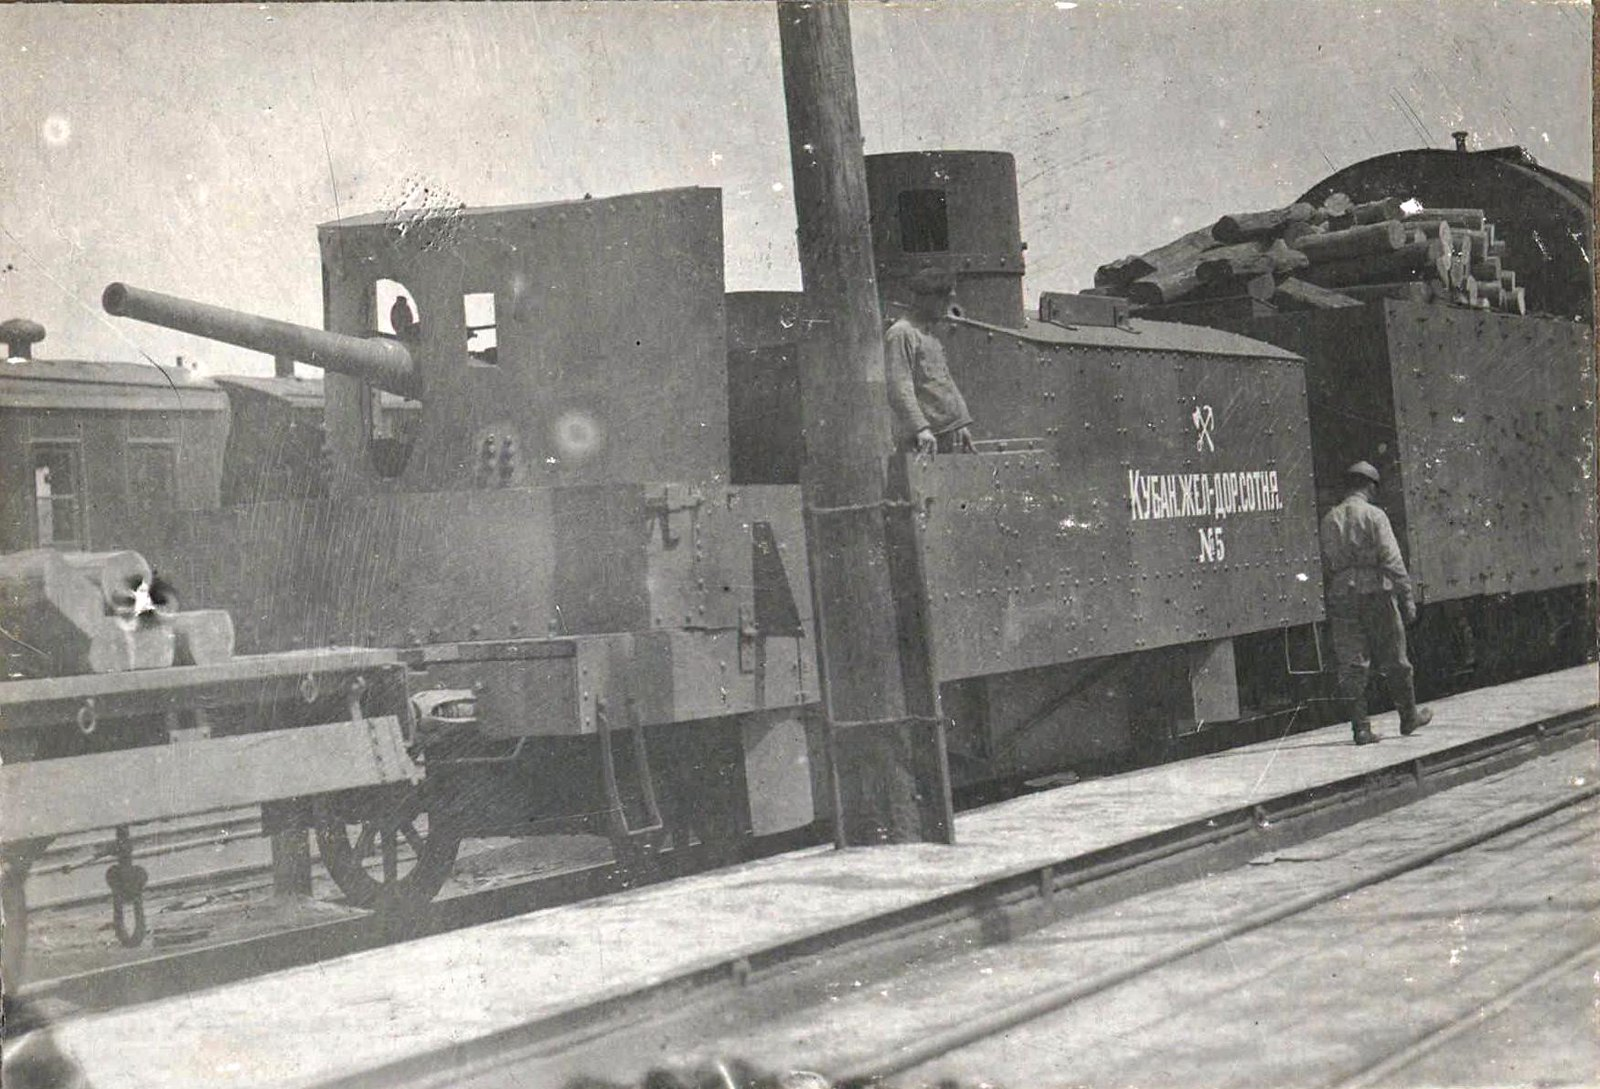 377. 1919. Бронепоезд № 5 Кубанской железнодорожной сотни